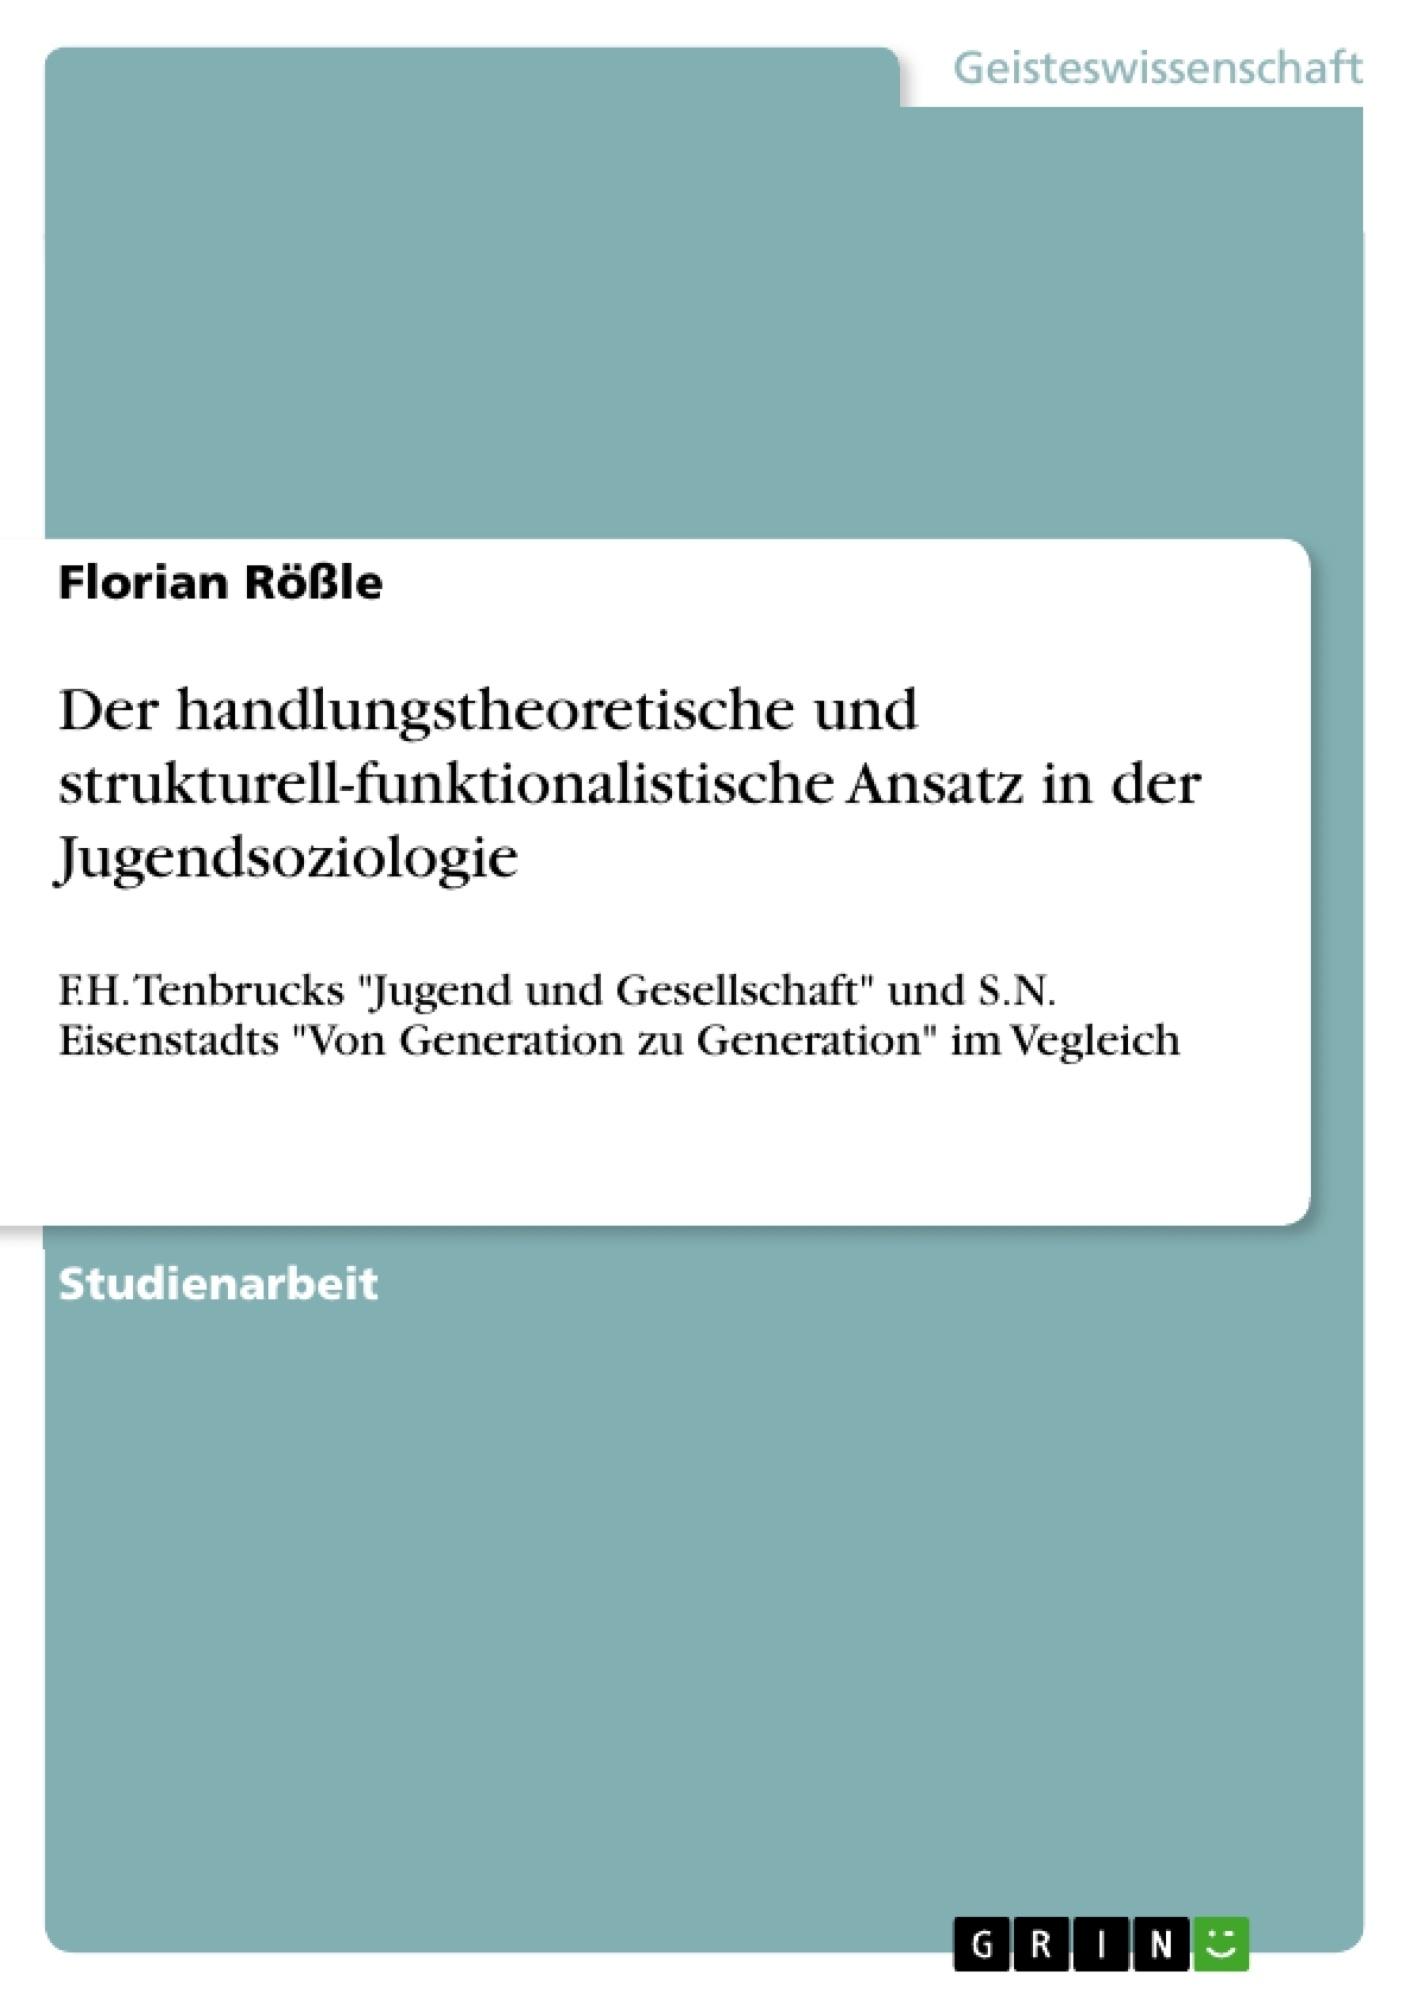 Titel: Der handlungstheoretische und strukturell-funktionalistische Ansatz in der Jugendsoziologie